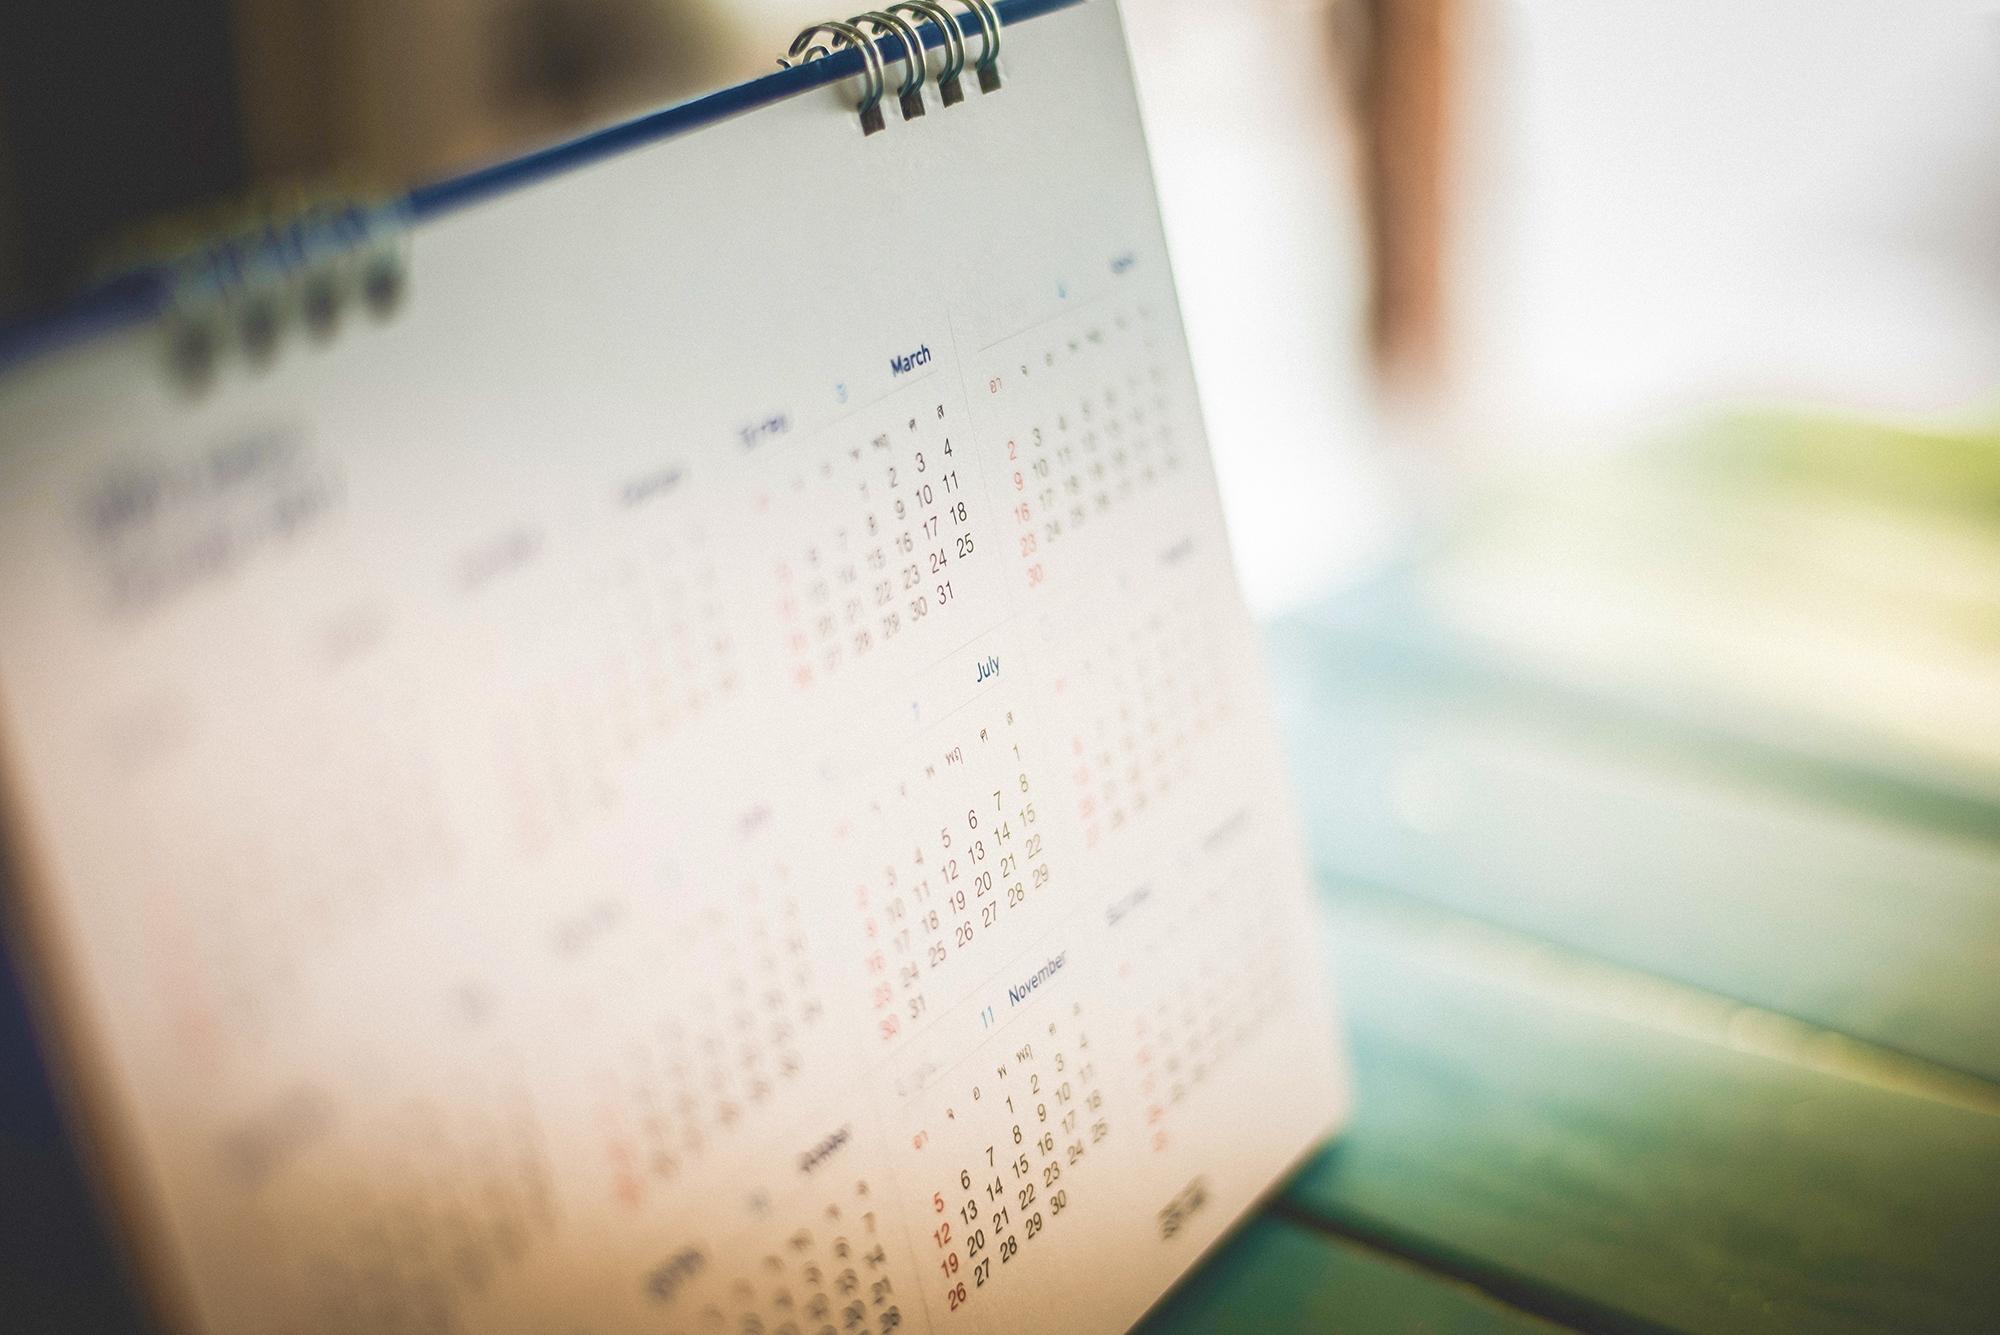 4-5-4 Calendar | Nrf 2019 Calendar 4-5-4